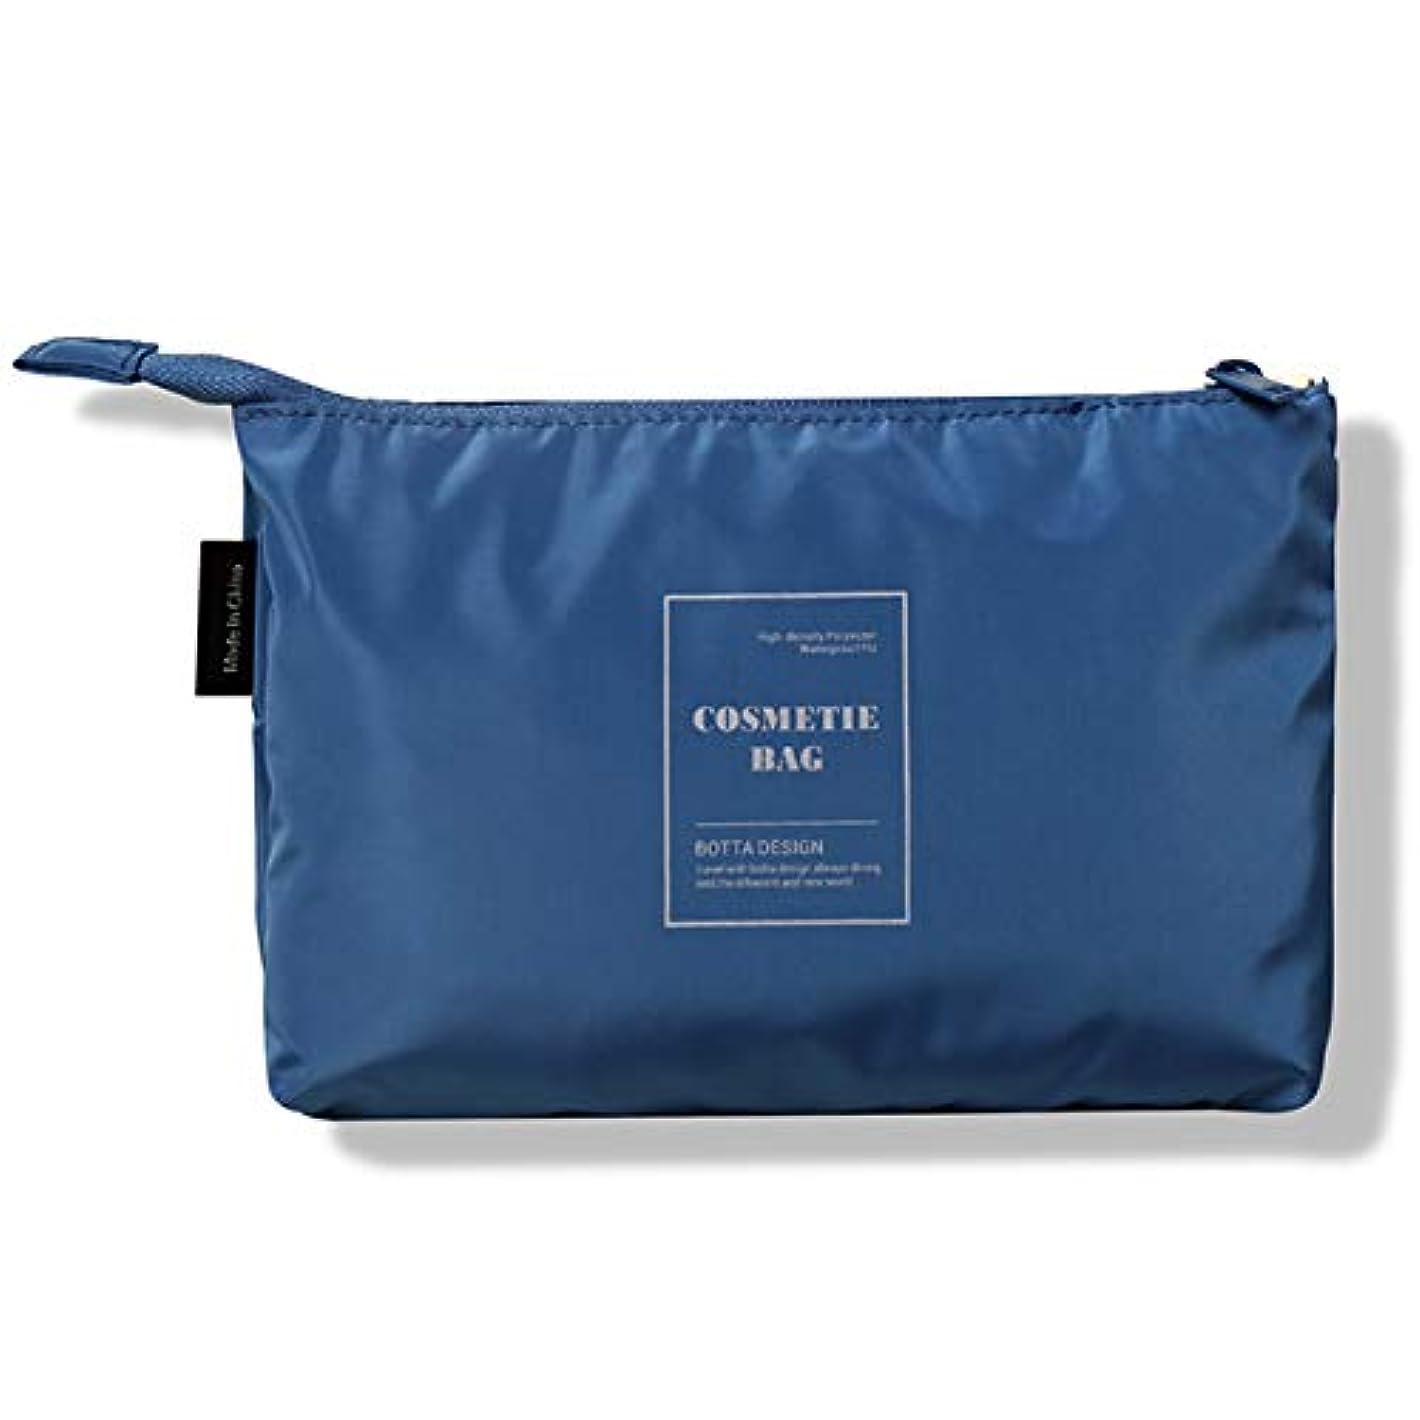 アーティファクト飛行場フェロー諸島化粧ポーチ トイレタリーバッグ トラベルポーチ メイクポーチ ミニ 財布 機能的 大容量 化粧品収納 小物入れ 普段使い 出張 旅行 メイク ブラシ バッグ 化粧バッグ